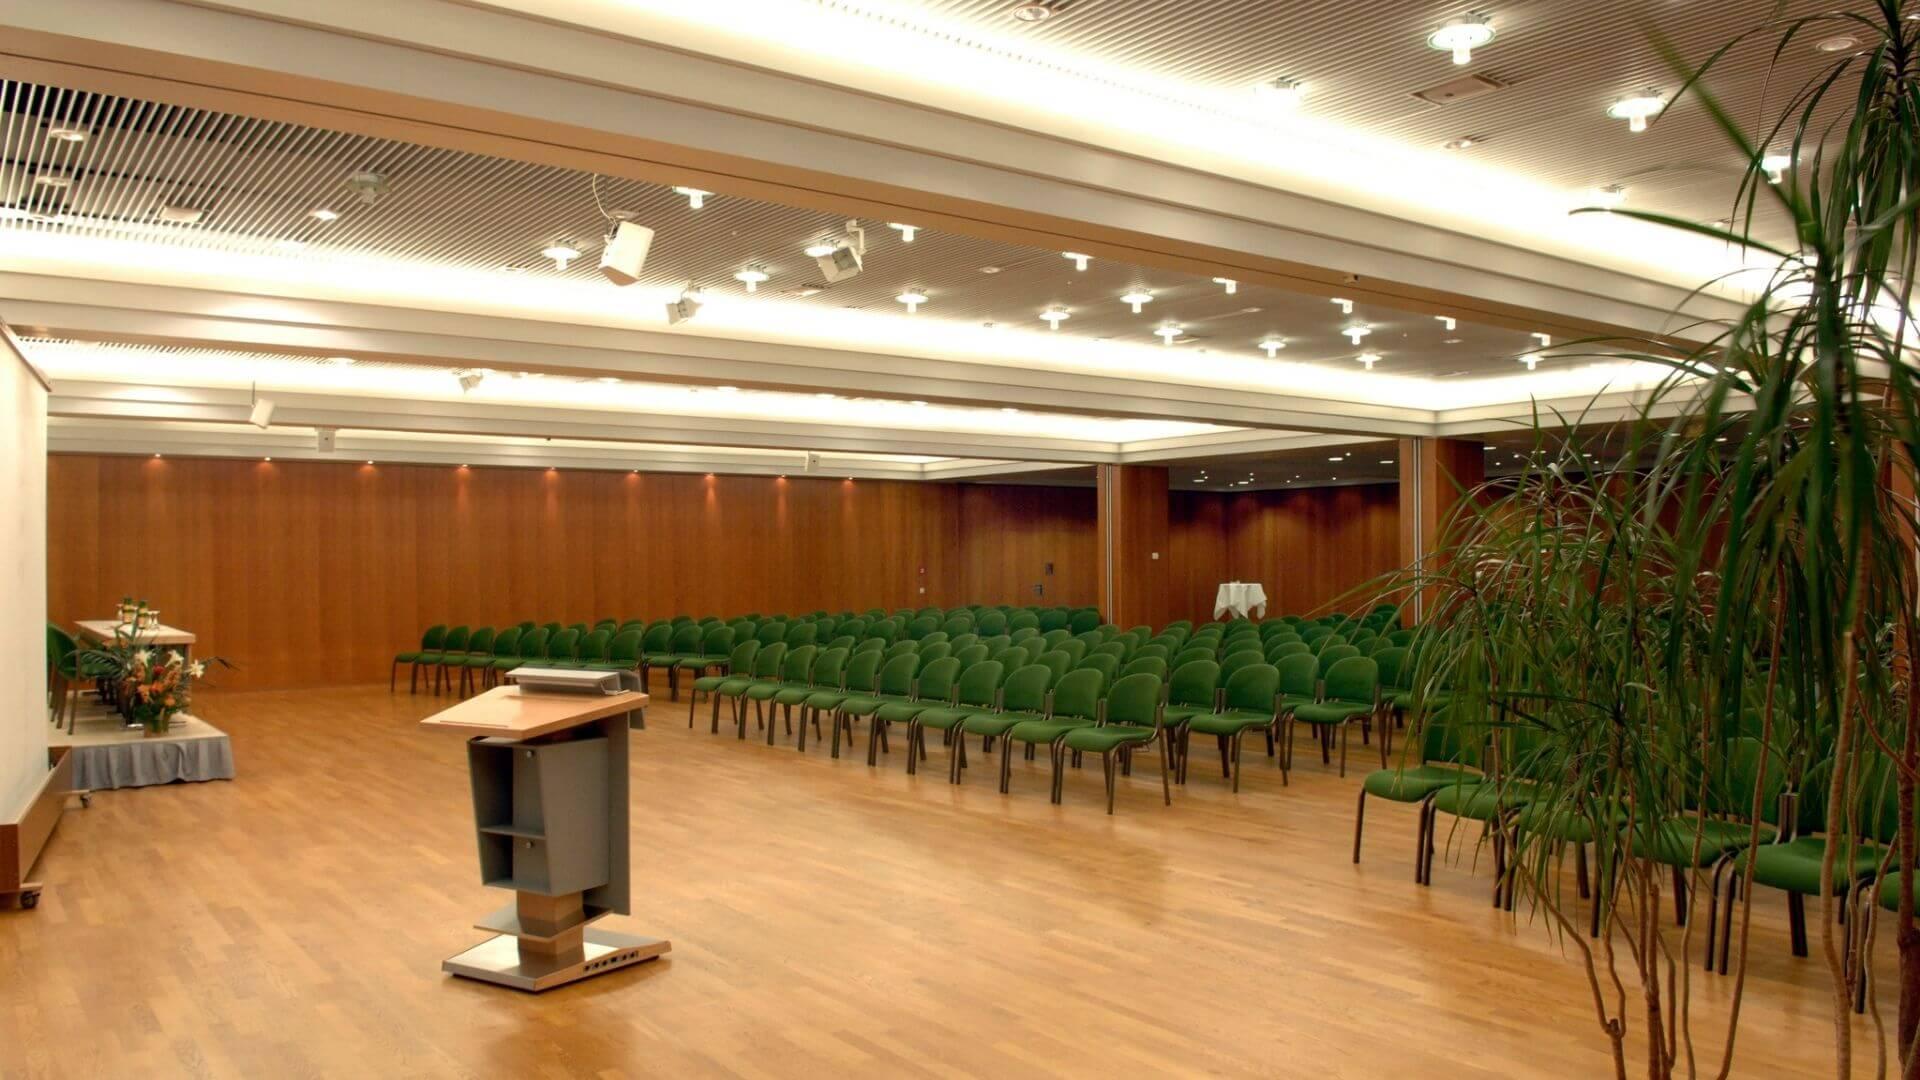 Saarlandhalle Saal 7 Reihenbestuhlung Becker und Bredel